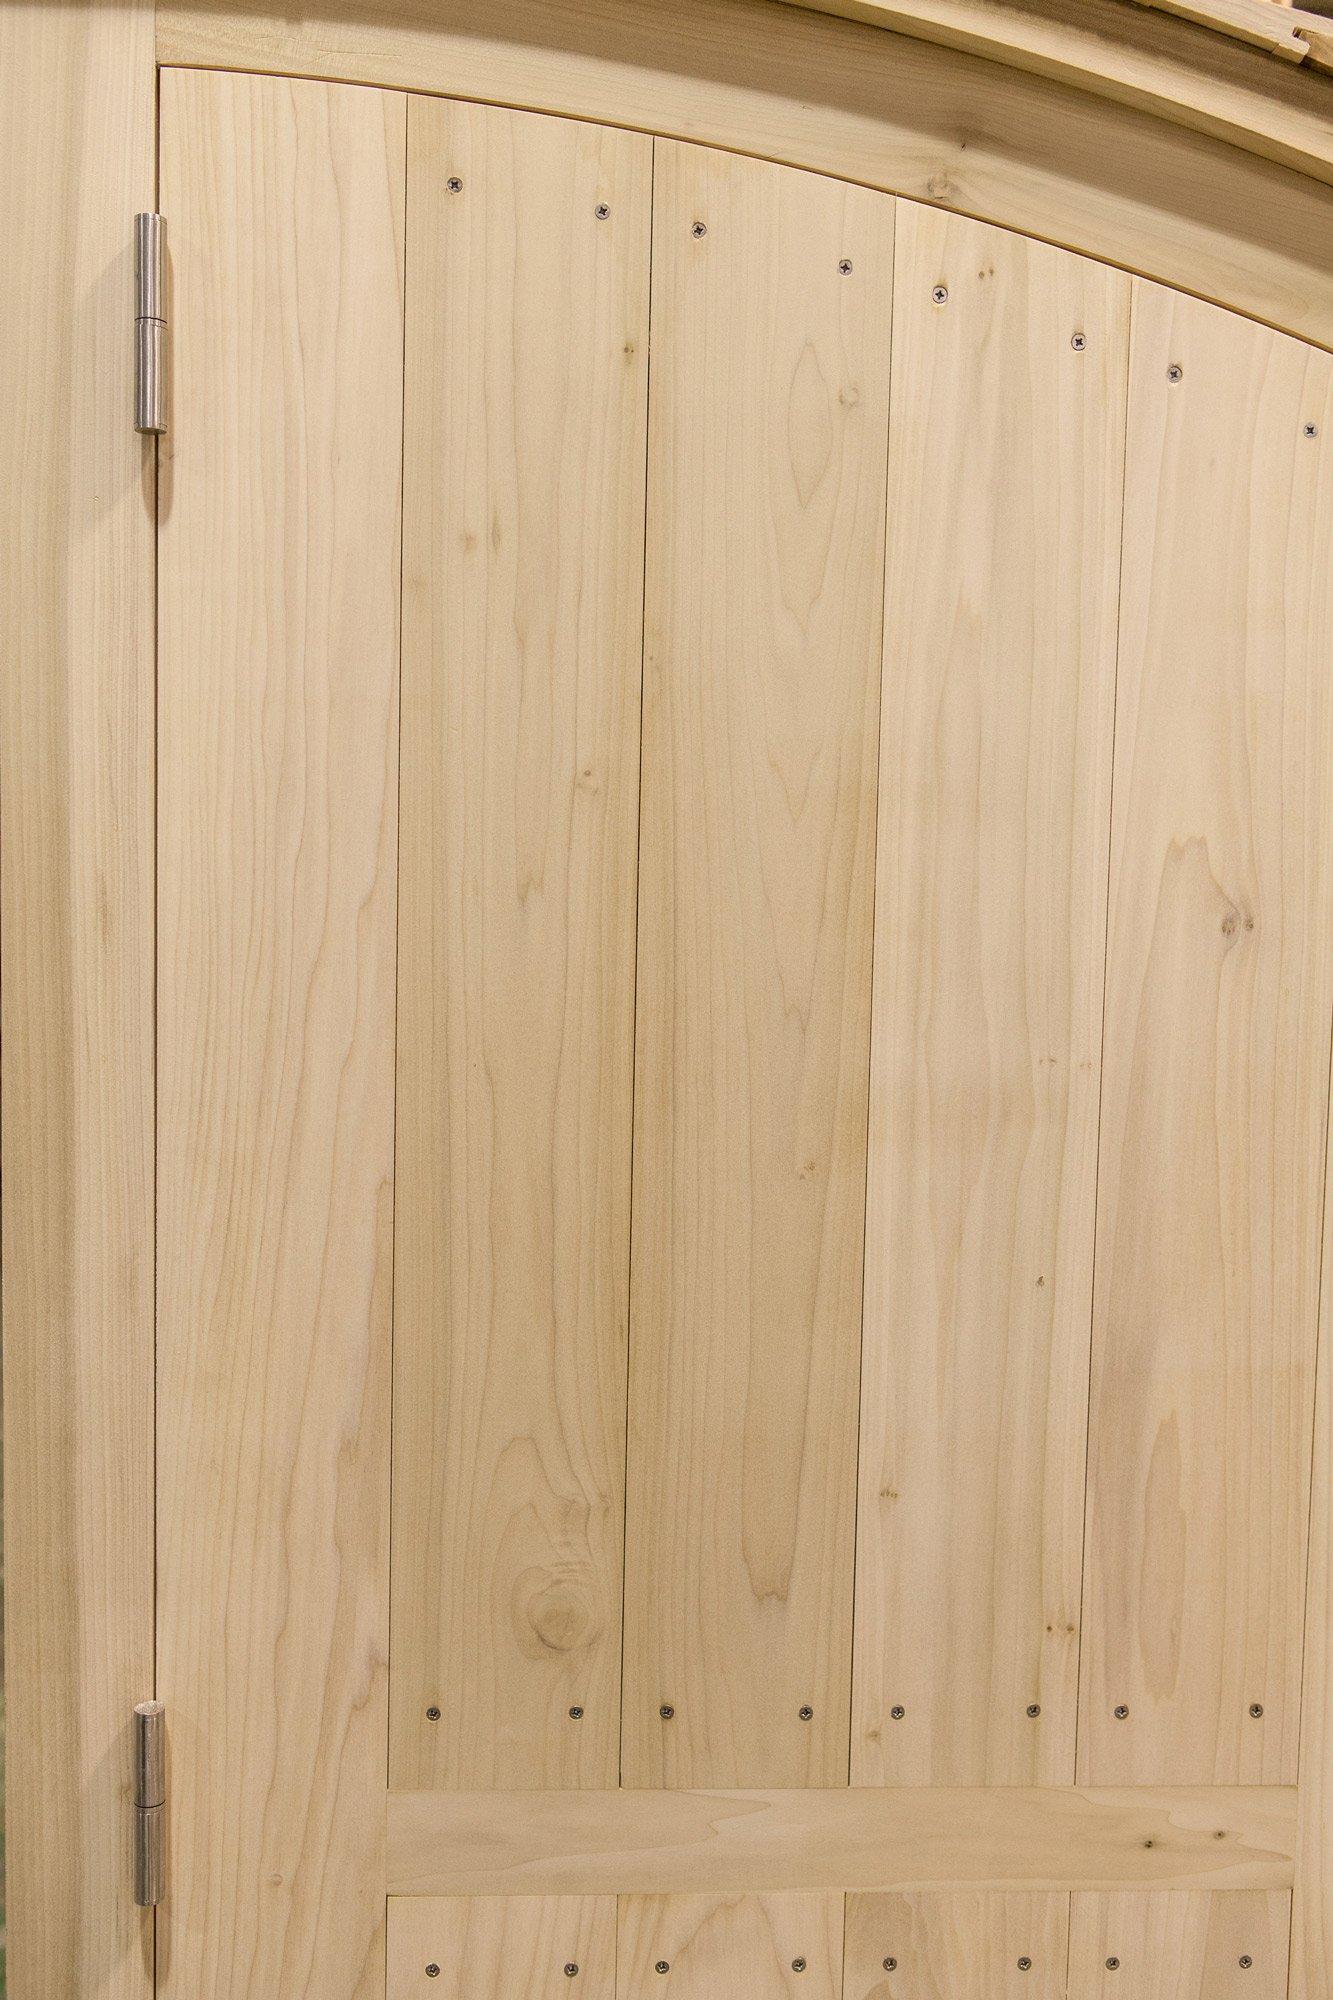 Tulipwood door detail at La Navarra © Uxio Da Vila